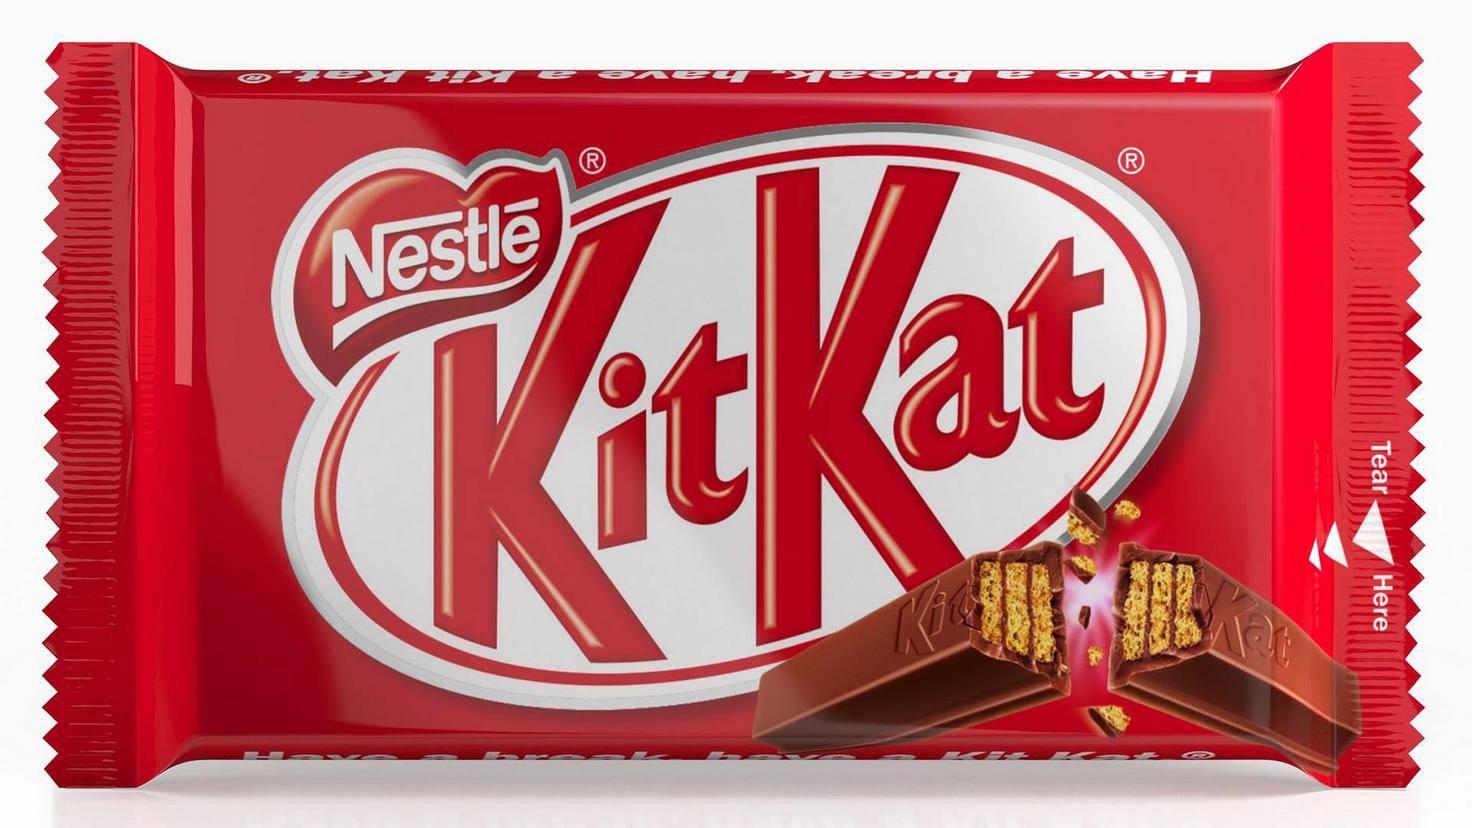 KiKat-01